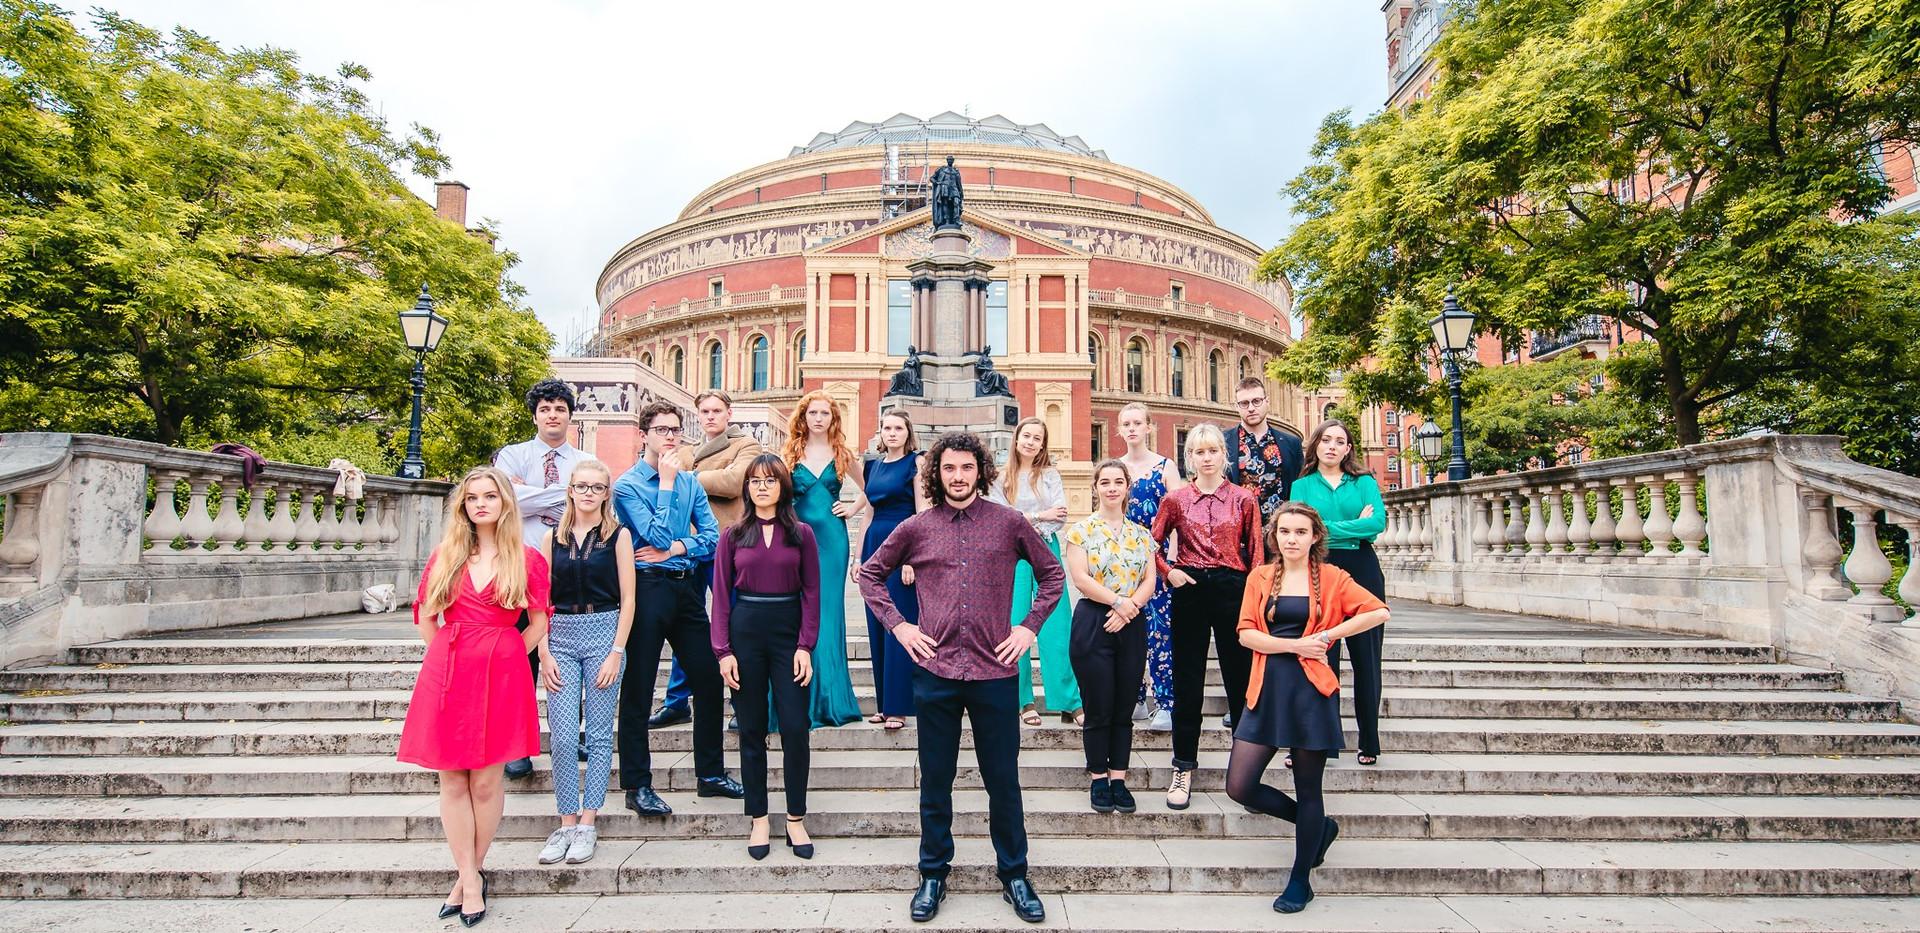 Echo ensemble at the Royal Albert Hall